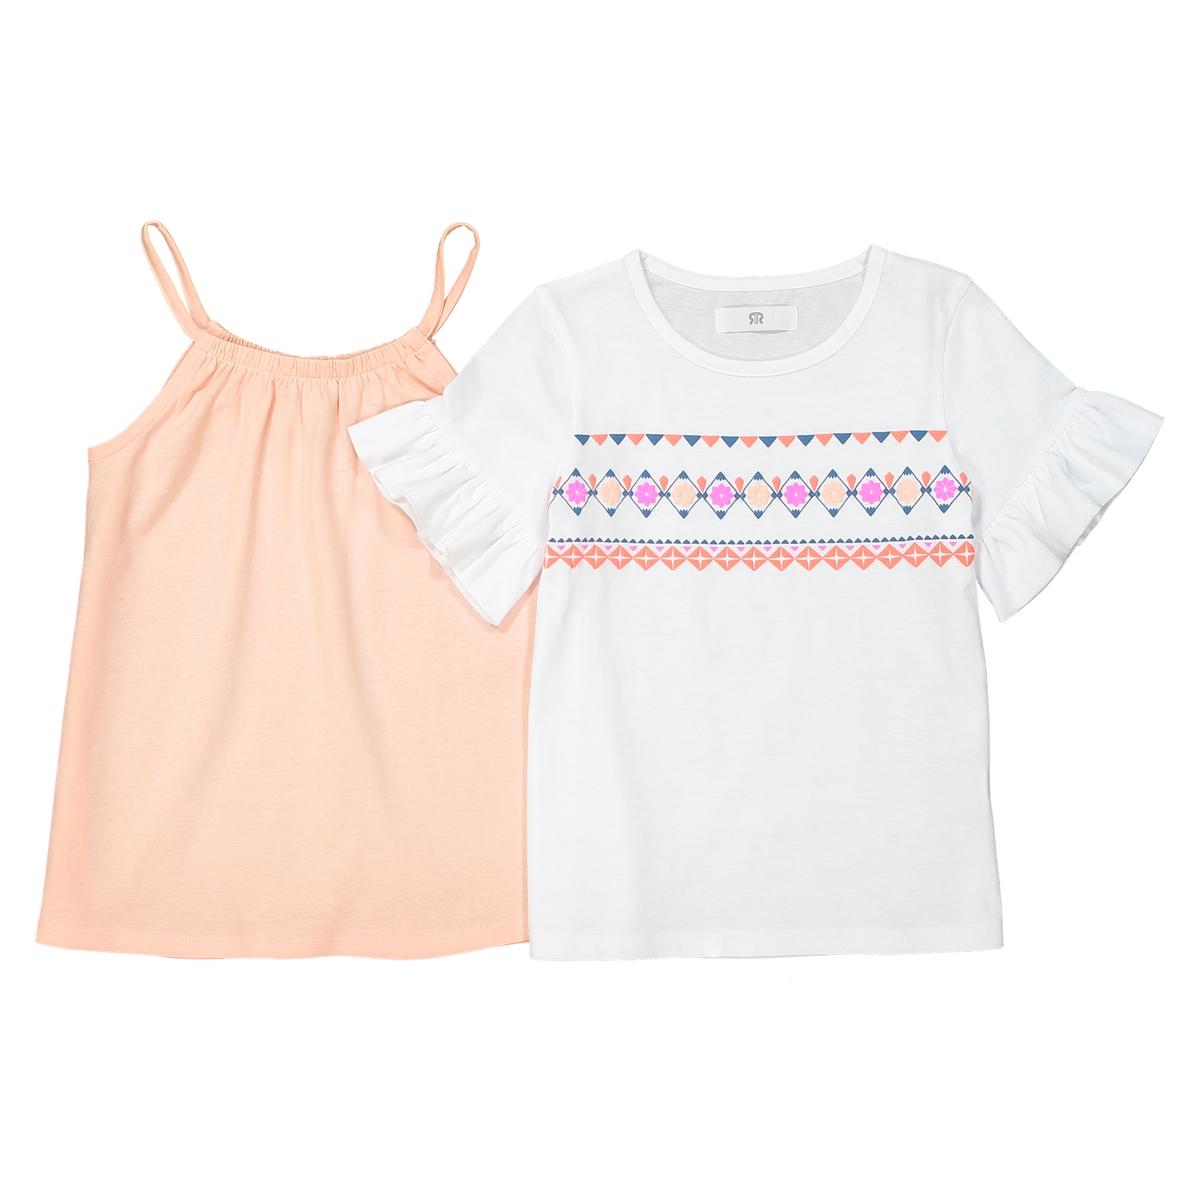 Комплект из футболки и топа 3-12 лет